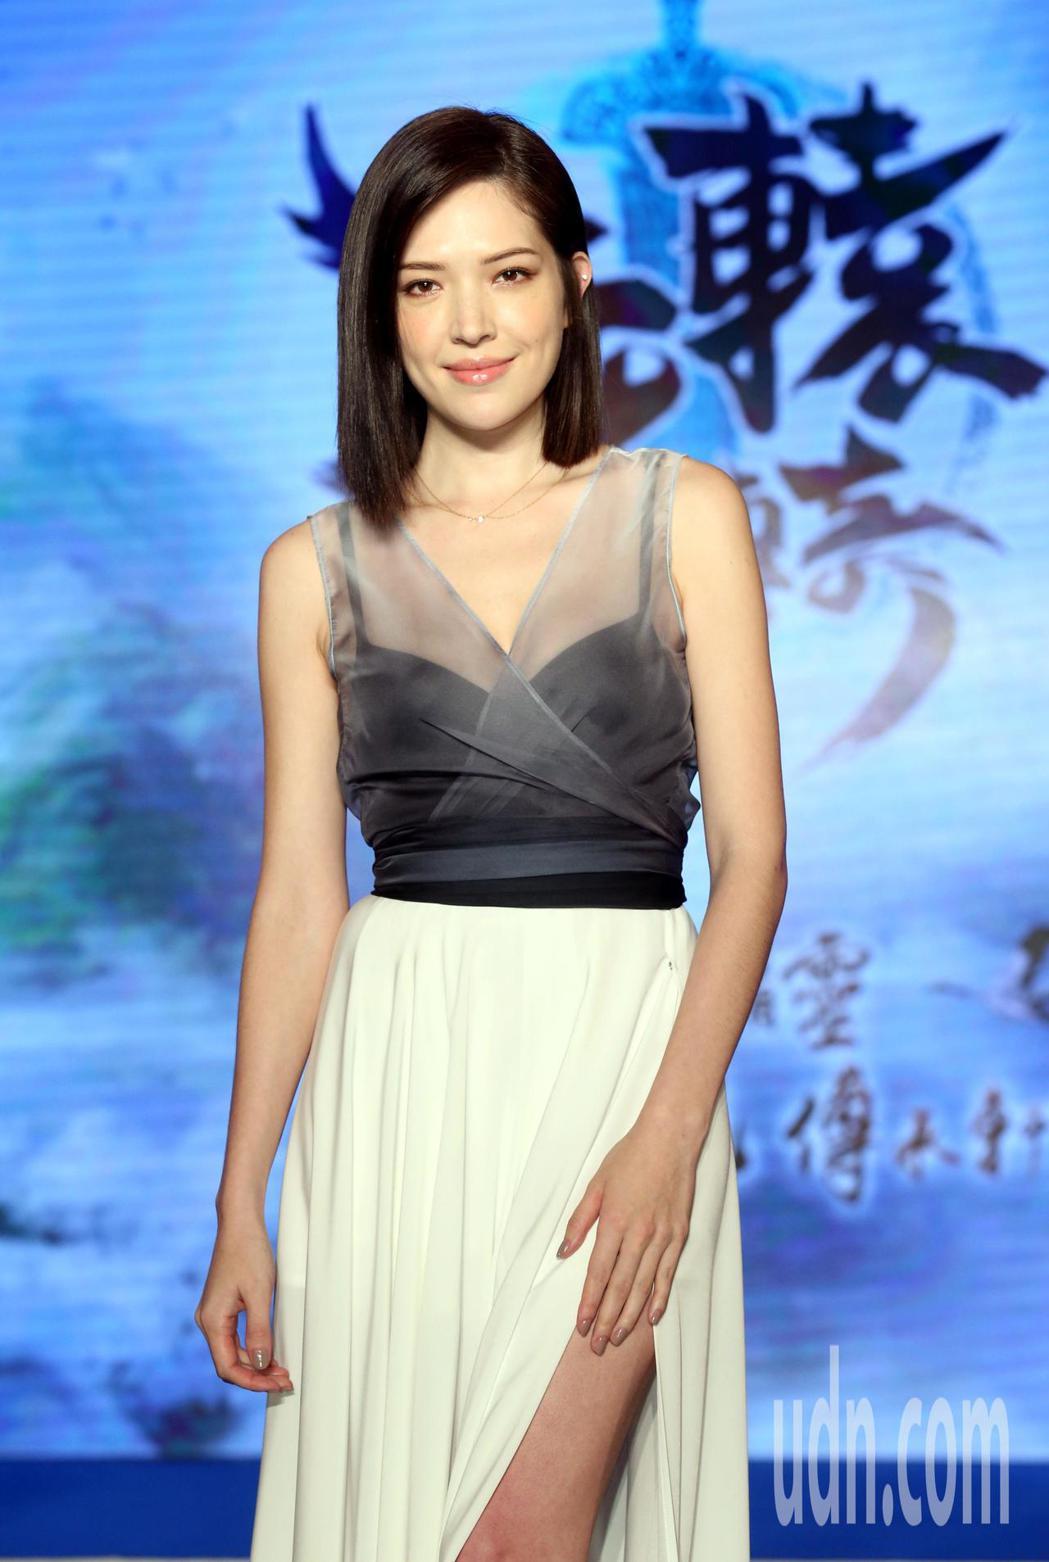 許瑋甯為山海經改編手遊新作《軒轅傳奇》遊戲站台。記者林俊良/攝影